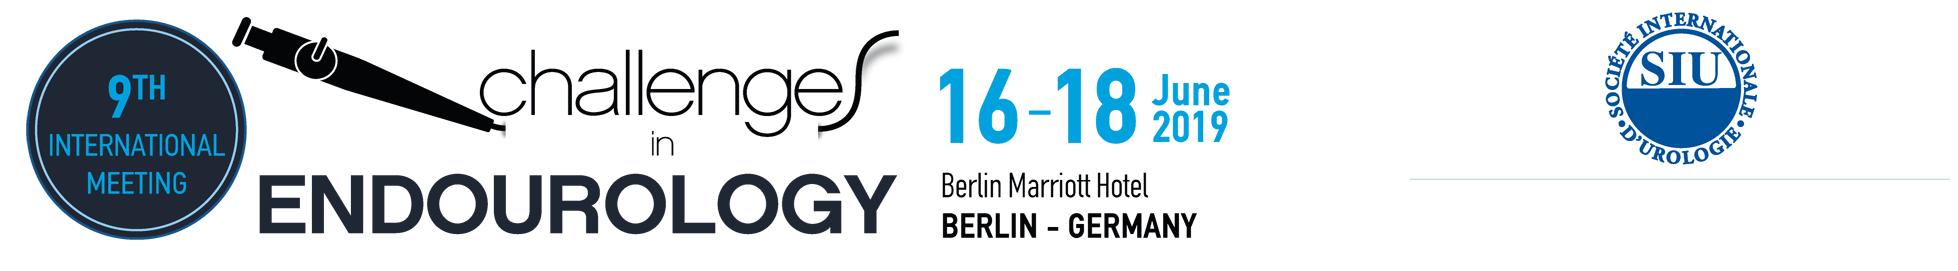 کنفرانس های برلین 2 - کنفرانس های ماه جون 2019 برلین